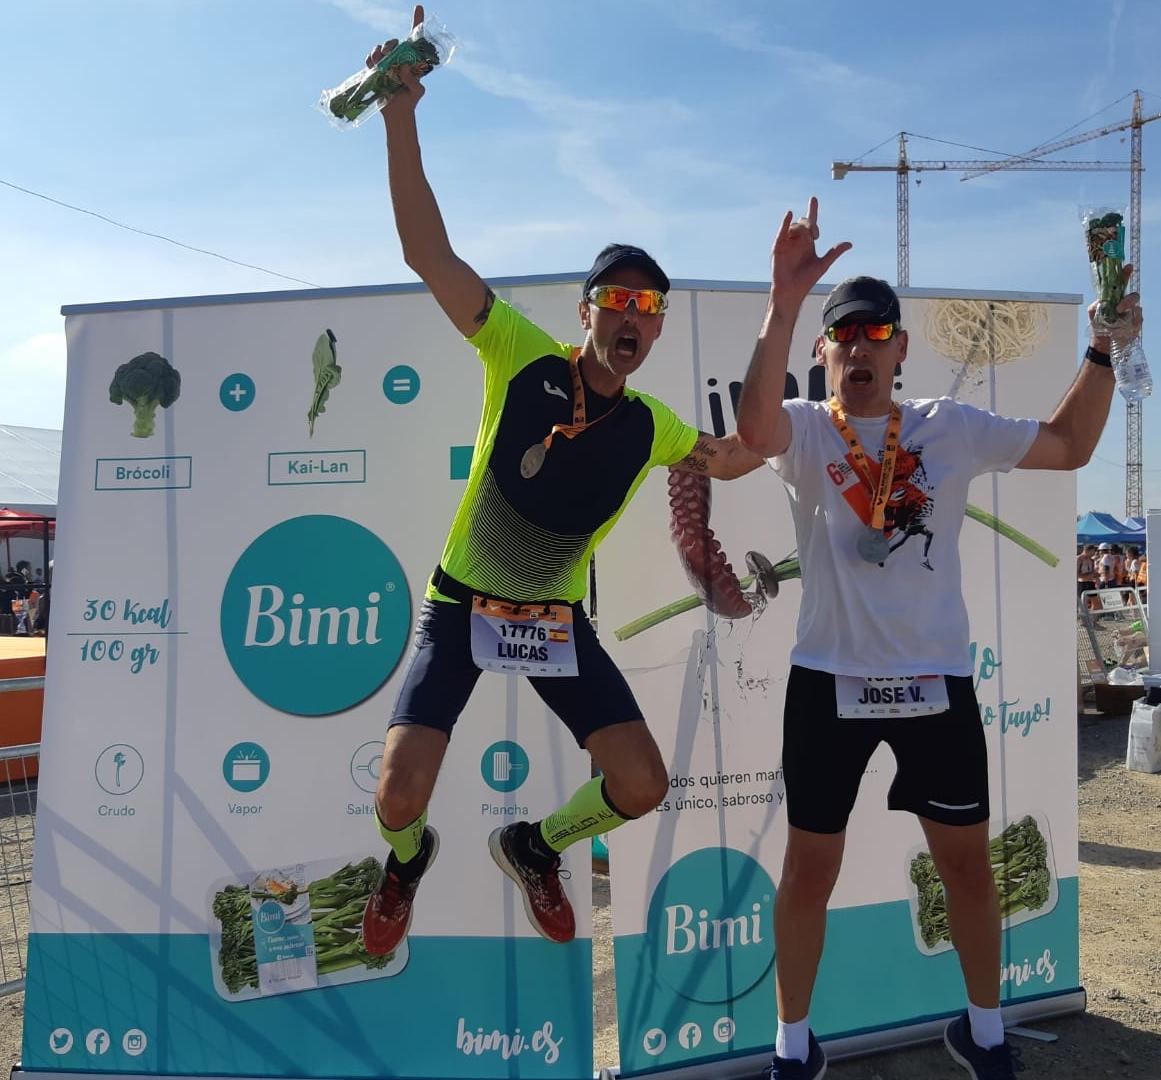 Bimi, producto oficial del Maratón de Valencia